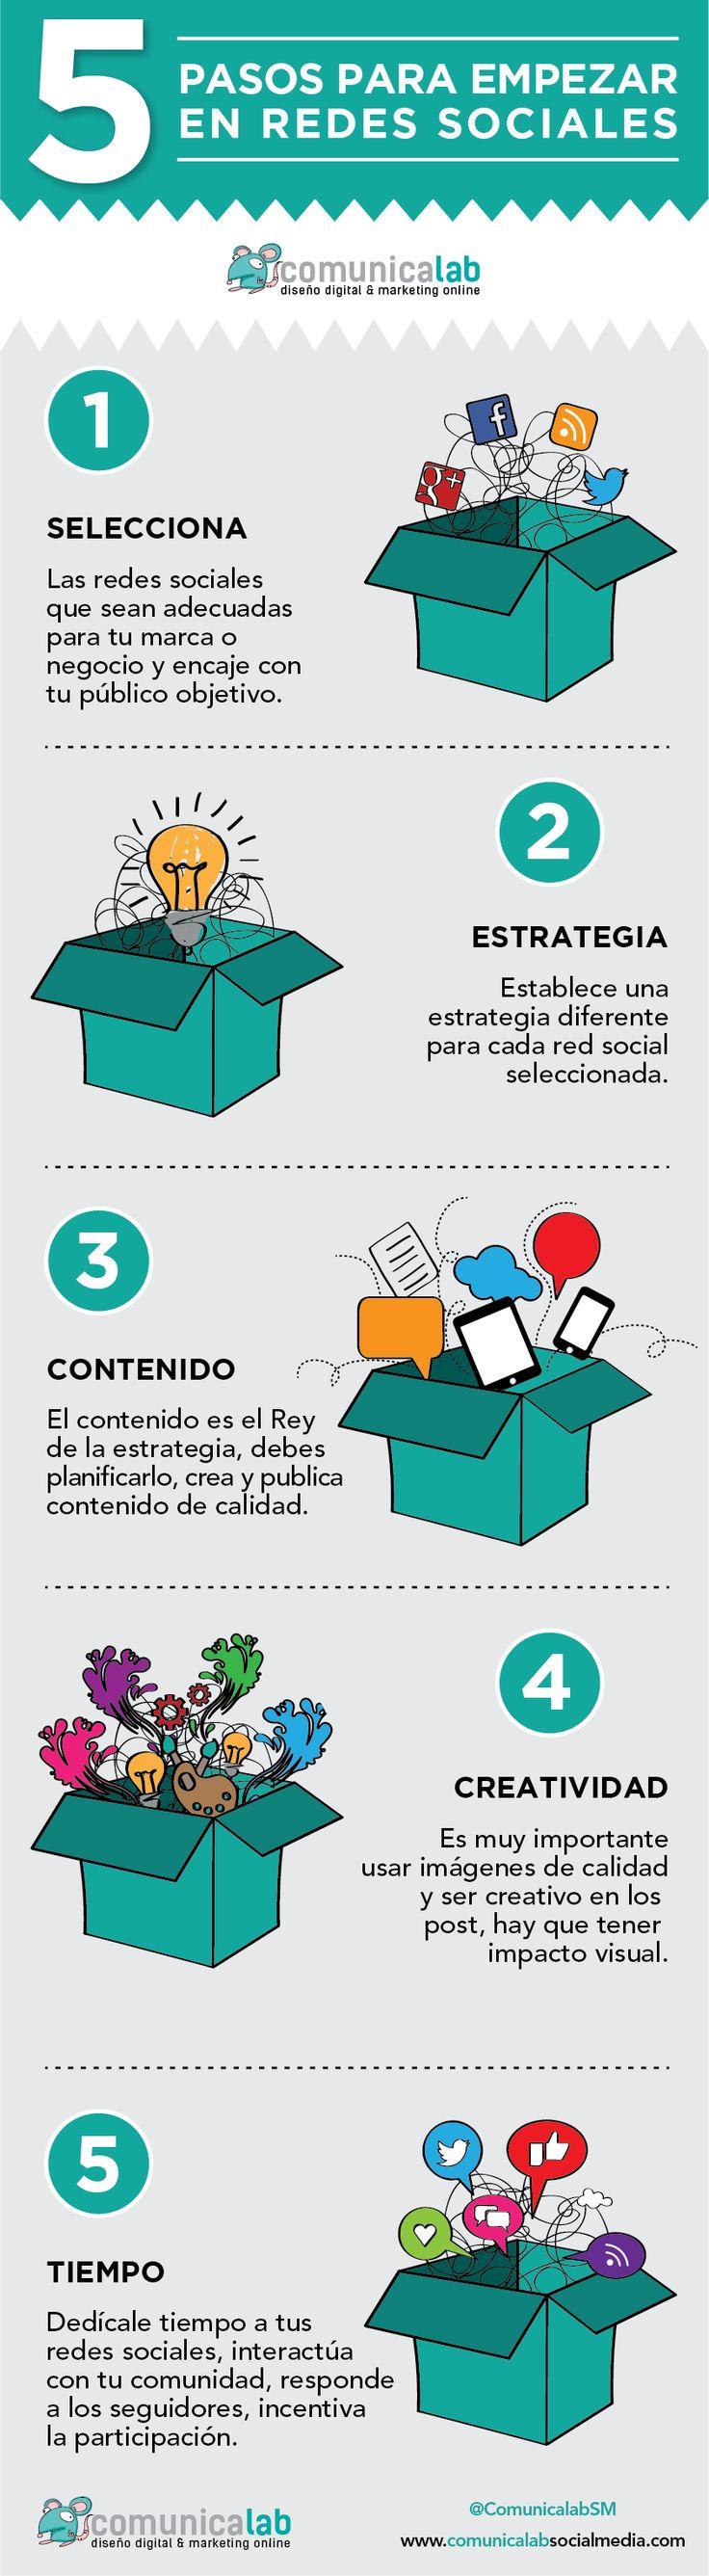 5 consejos para empezar en el #SocialMedia. #MarketingOnline #RedesSociales